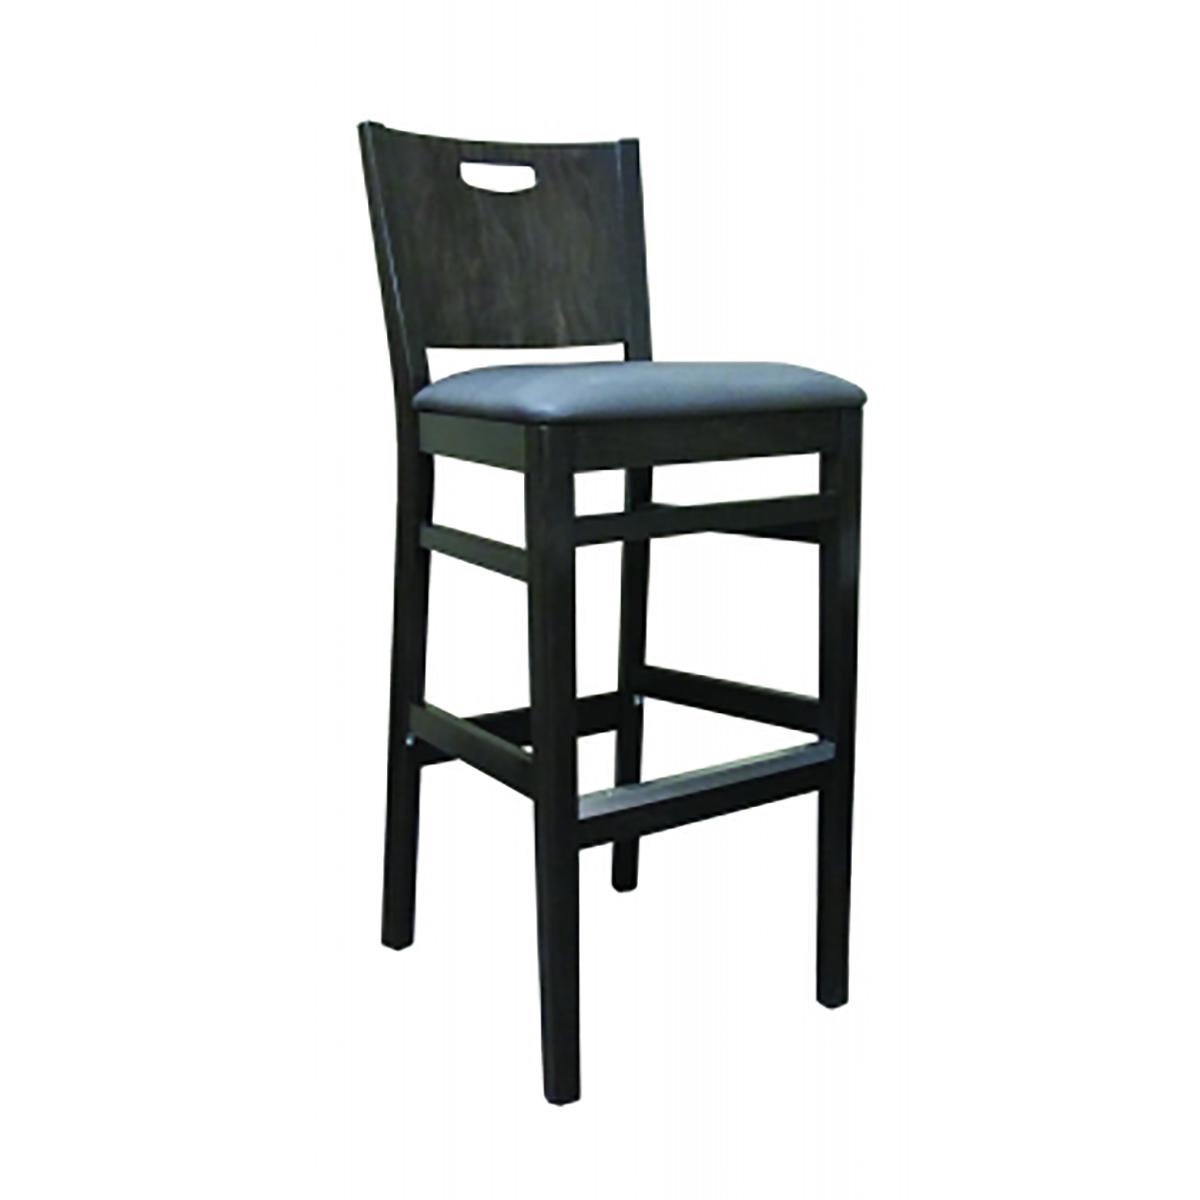 Soho barstool with vinyl seat